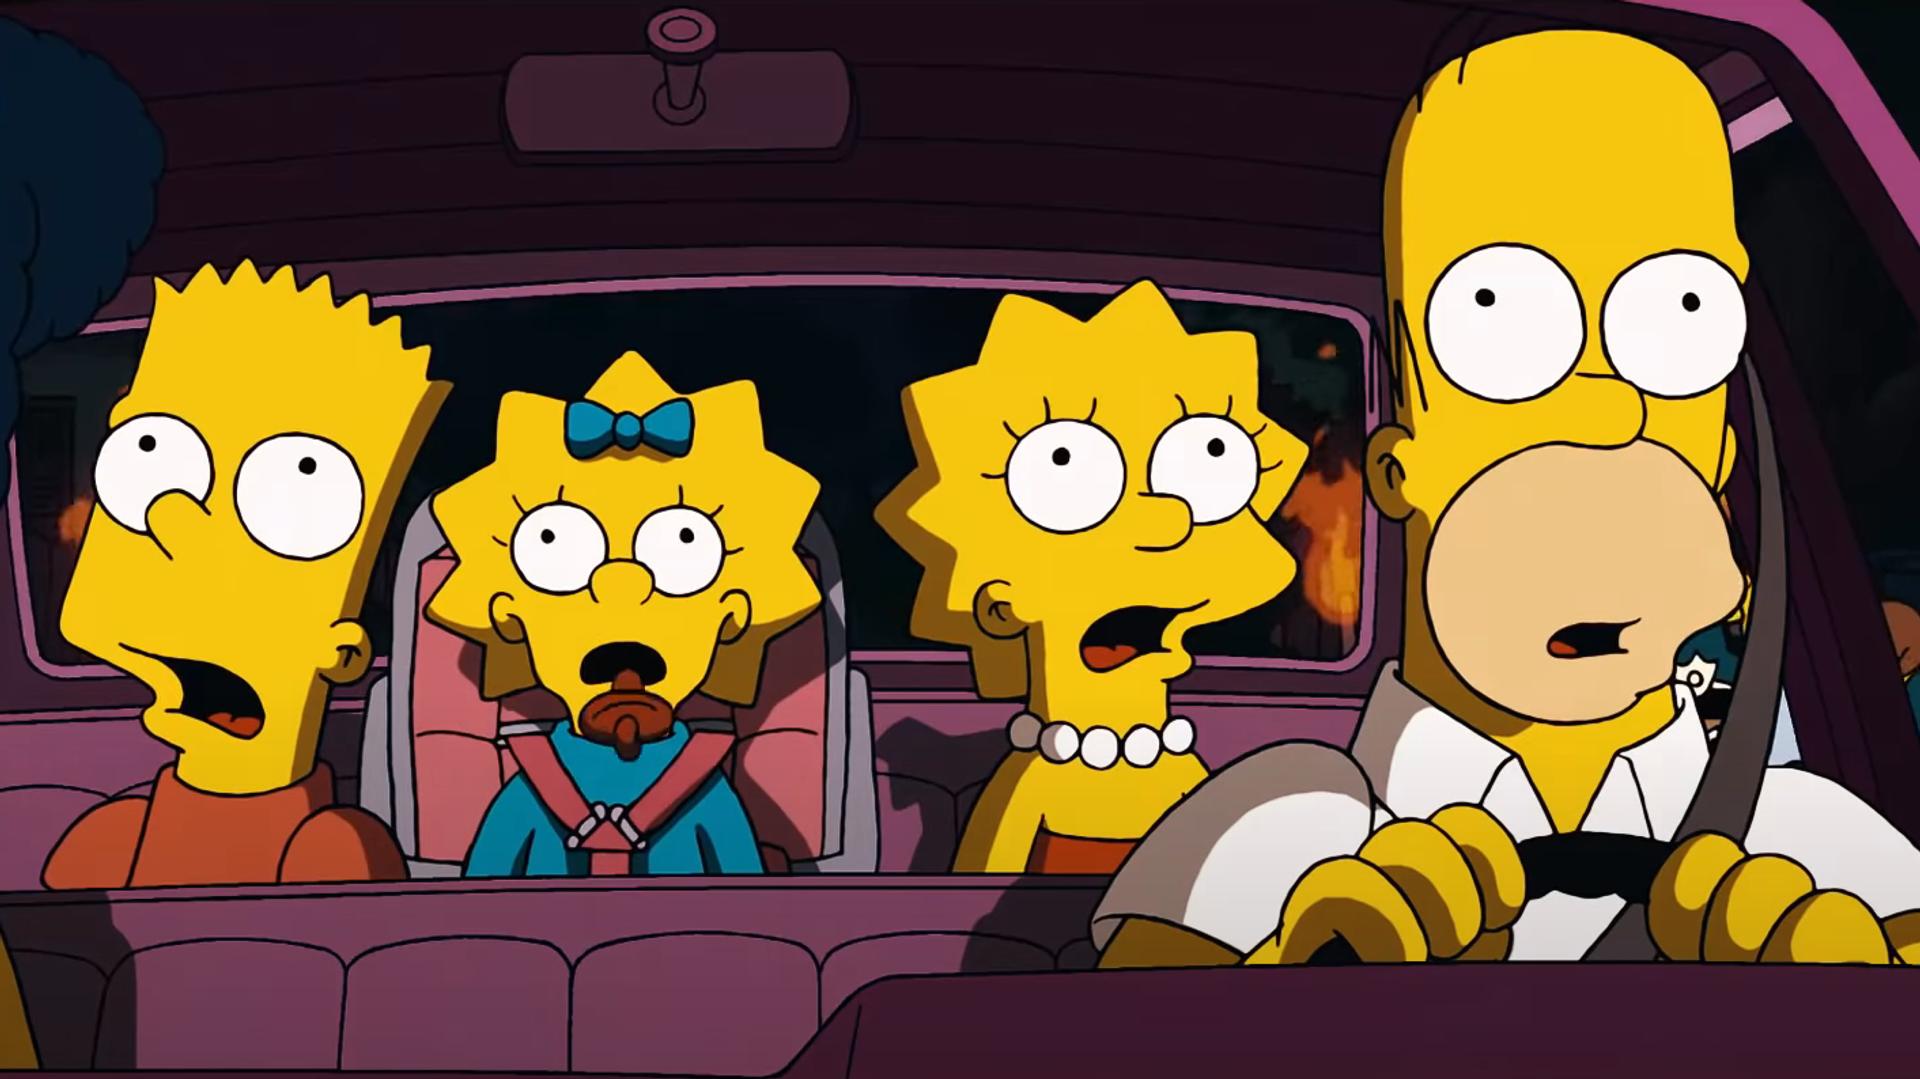 'Los Simpson', captura de pantalla - Sputnik Mundo, 1920, 21.03.2021